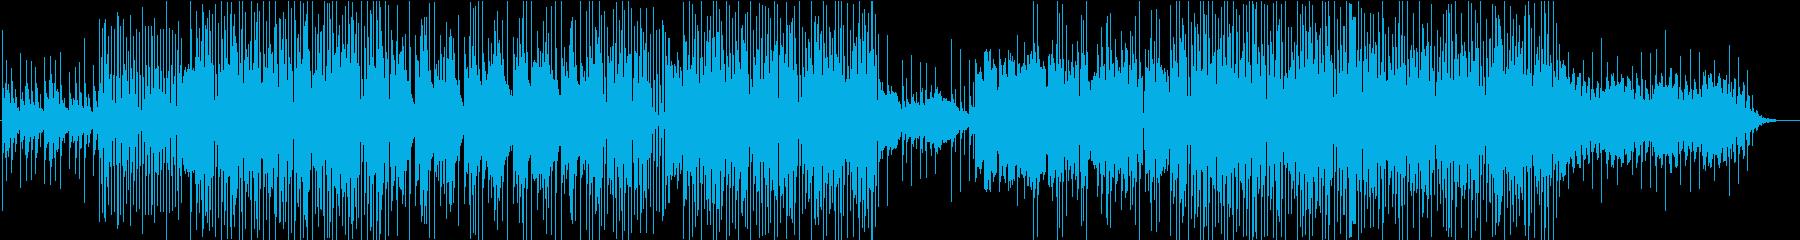 哀愁感漂うビート/トラップの再生済みの波形